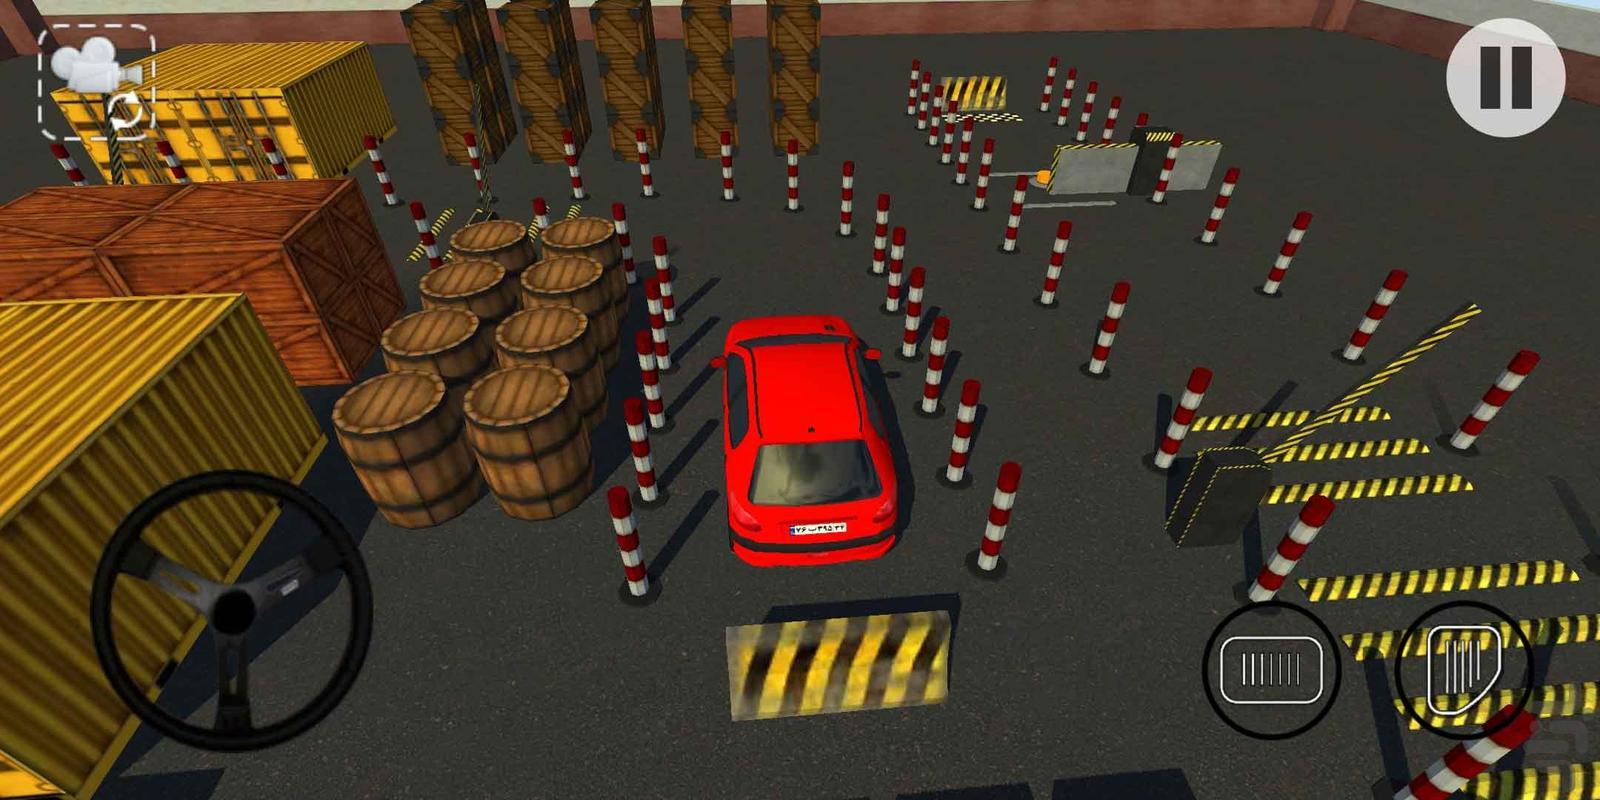 بازی ماشین حرفه ای - عکس بازی موبایلی اندروید